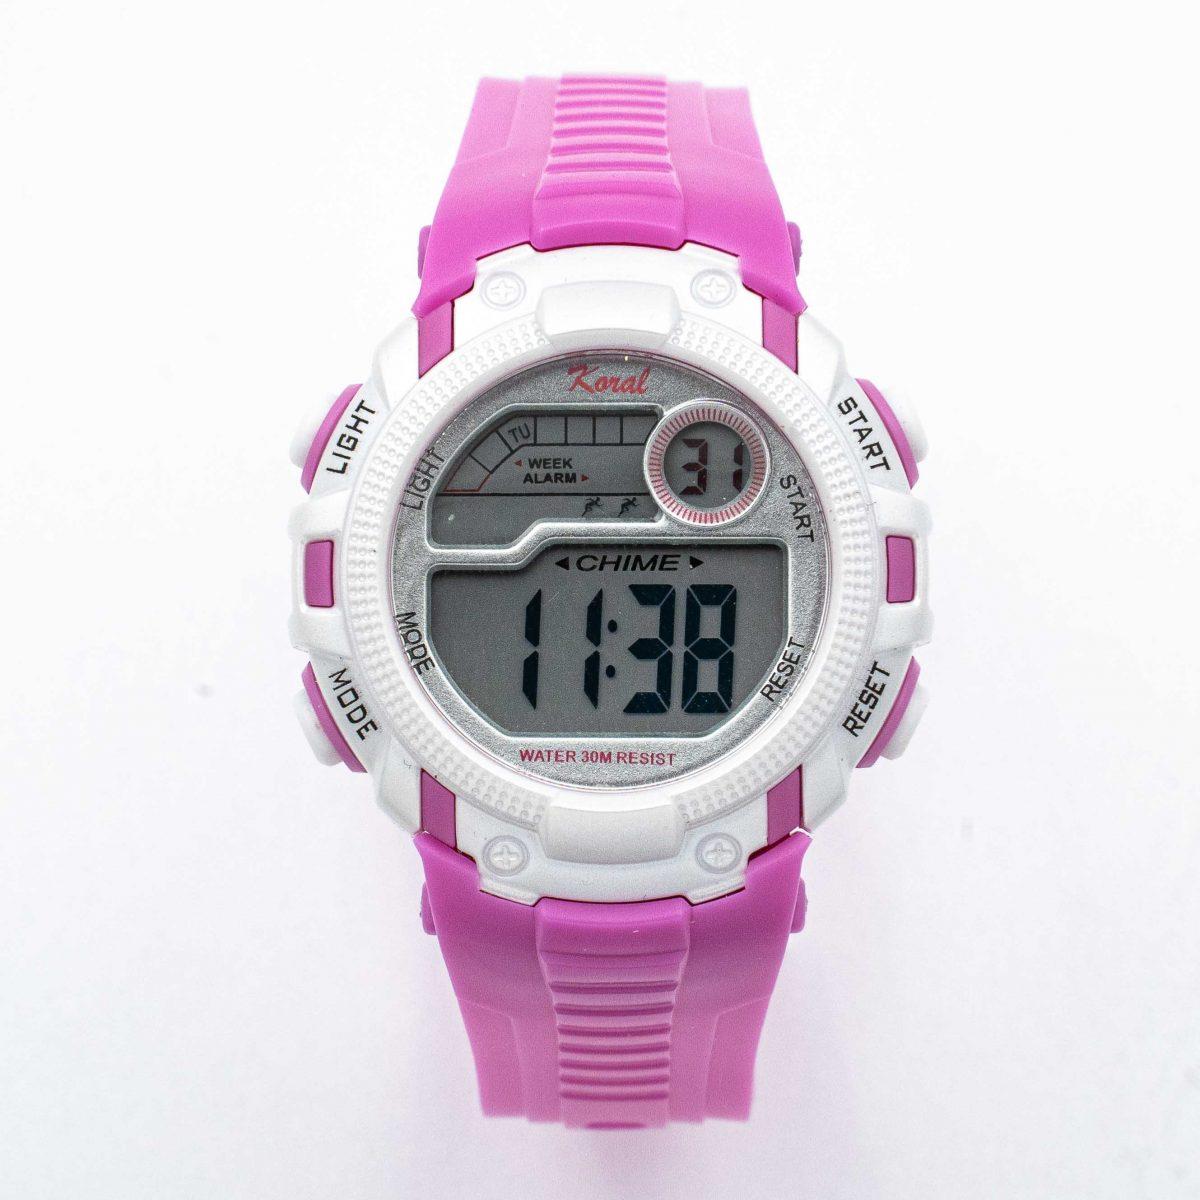 שעון לילדים דגיטלי